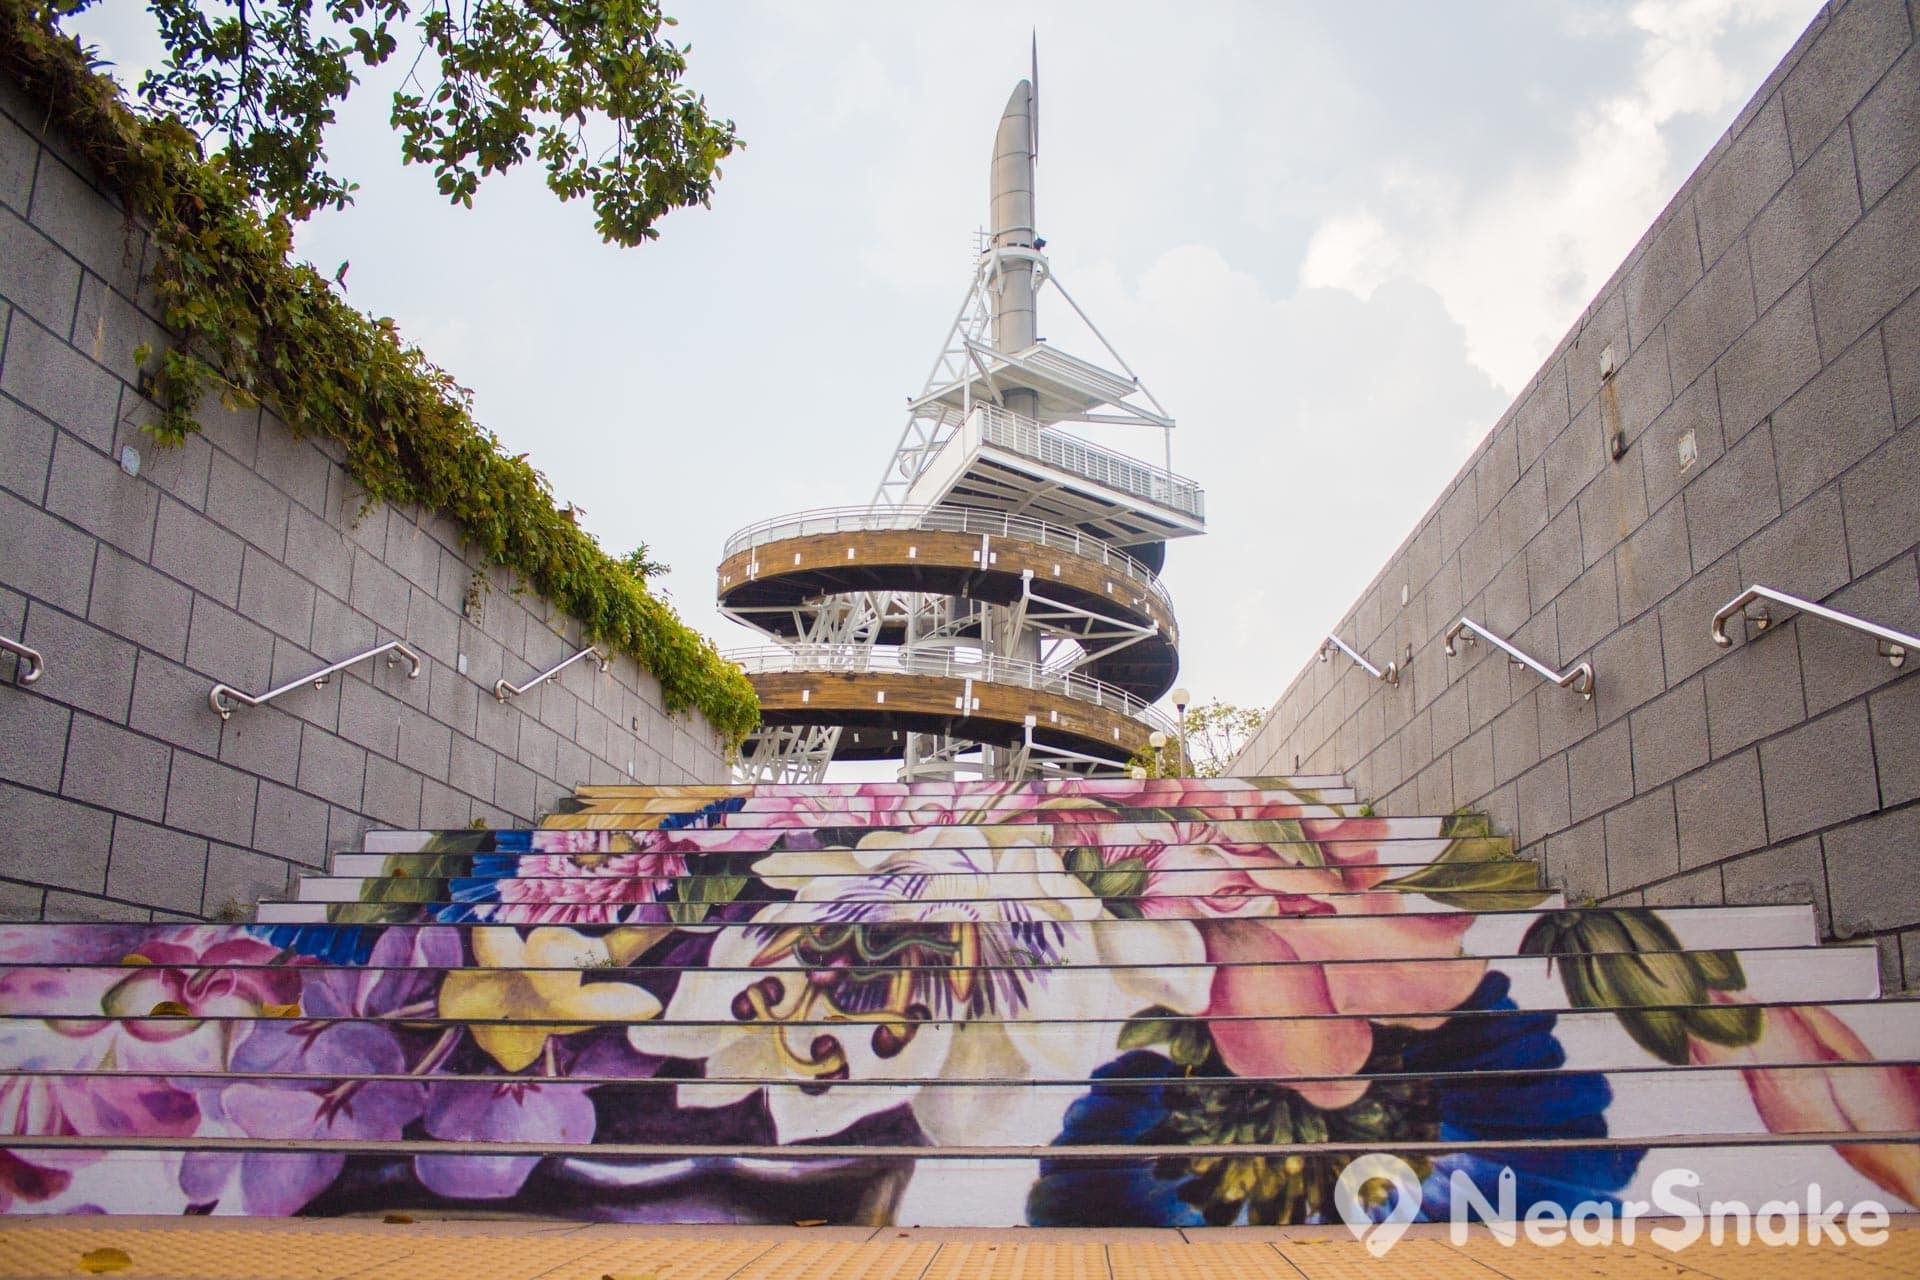 大埔海濱公園 Tai Po Waterfront Park: 香港面積最大的公園 | NearSnake.com